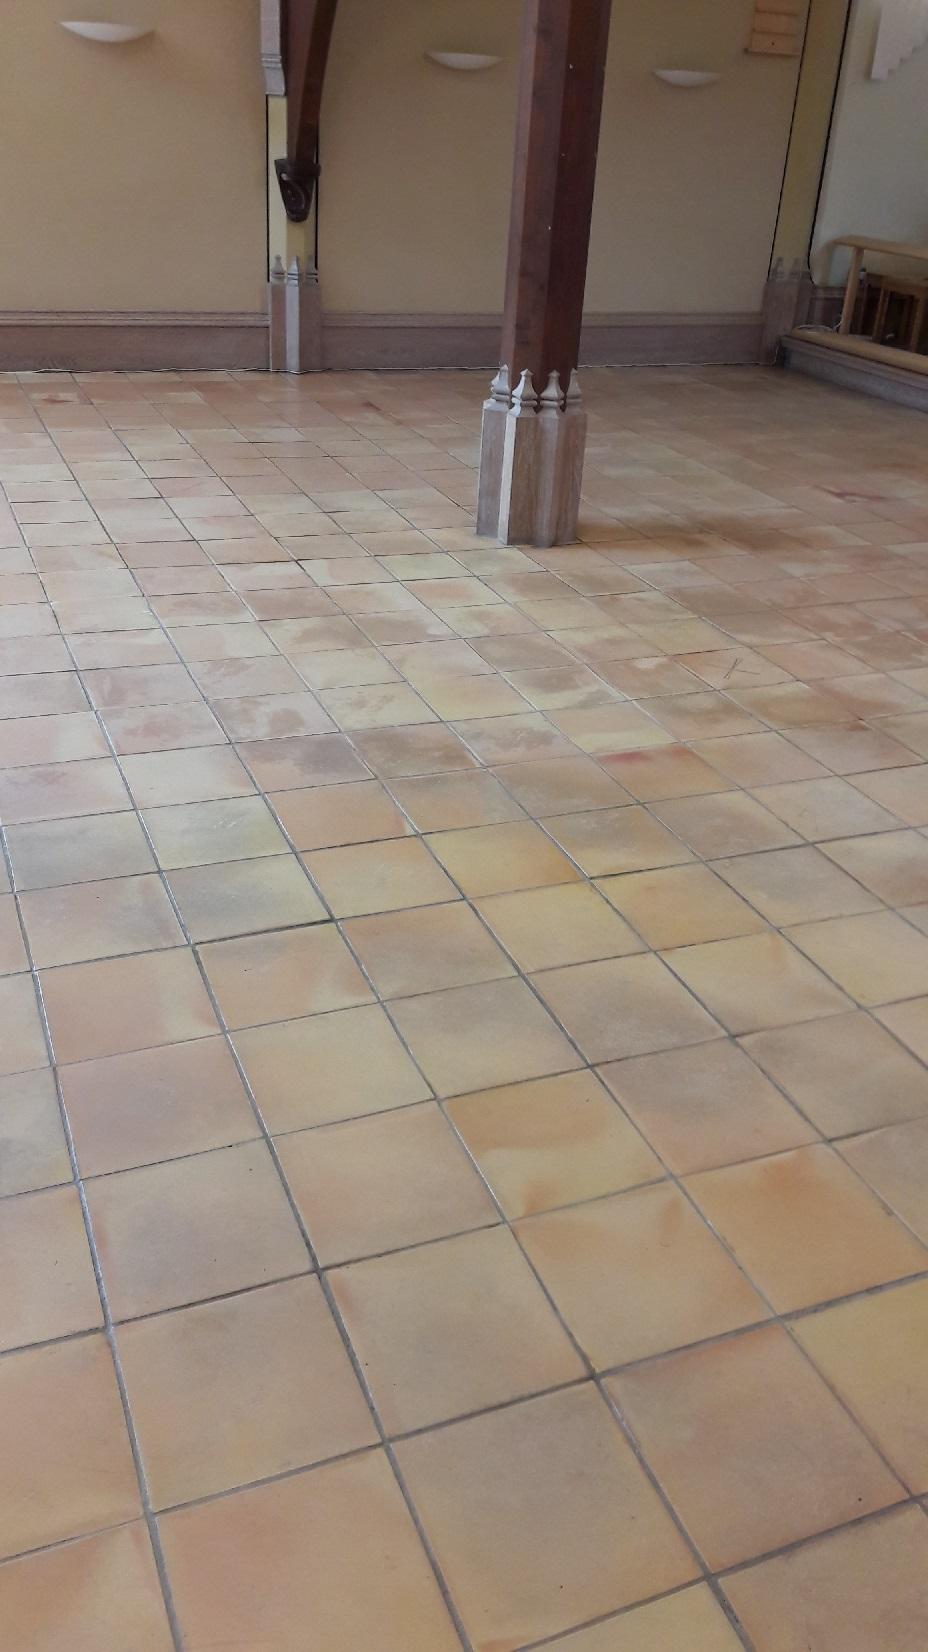 Terracotta Floor Tiles Before Renovation St Andrews Church Eaton Norfolk